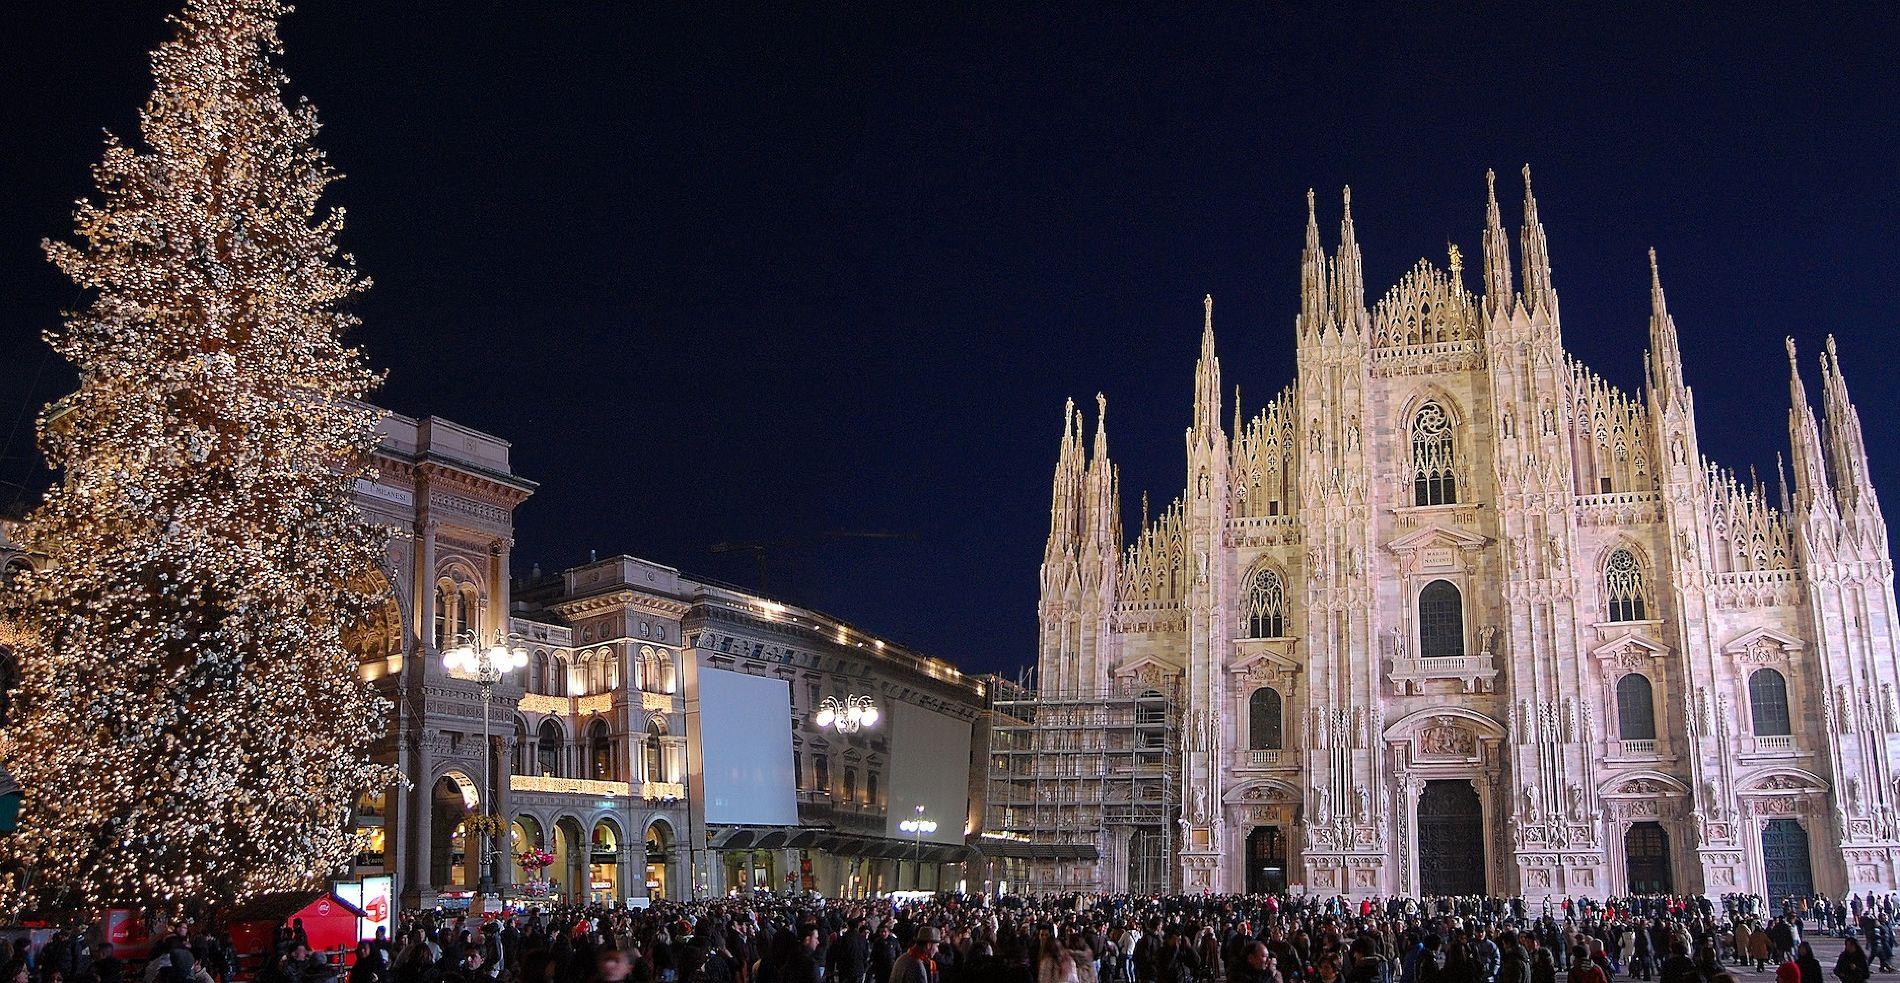 Рождественская ель перед Дуомо в Милане